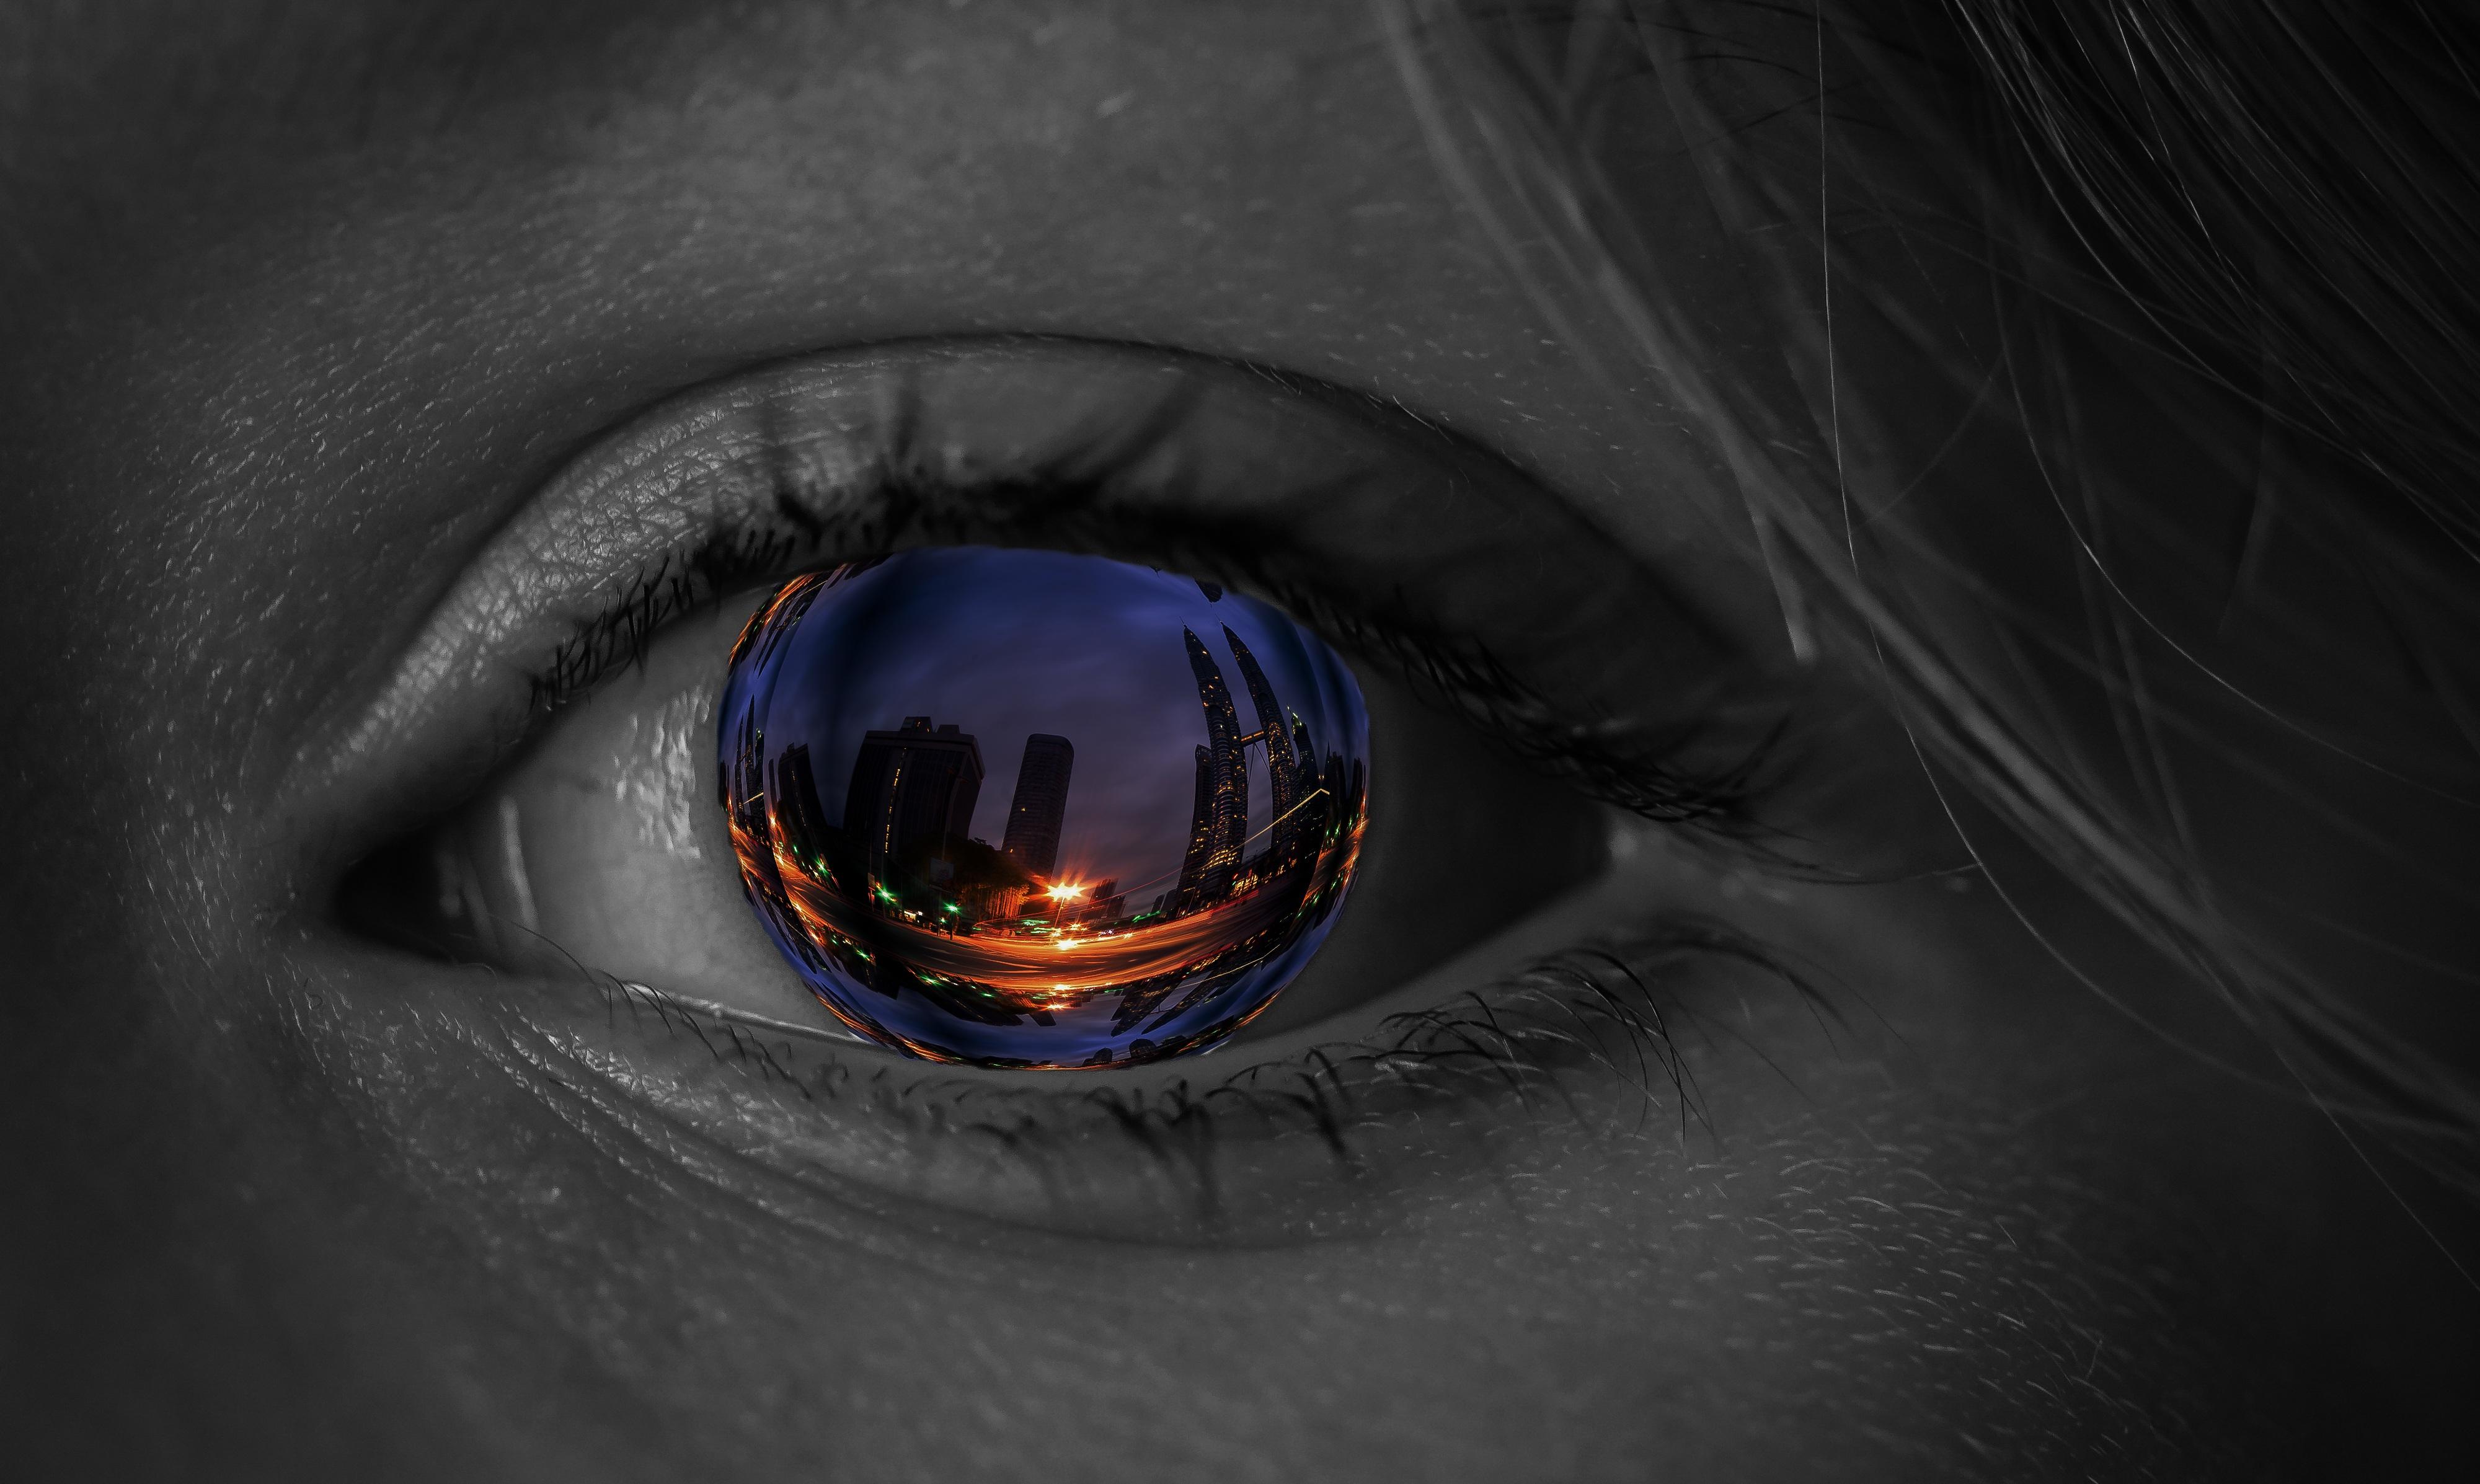 eye-2040986, pixabay